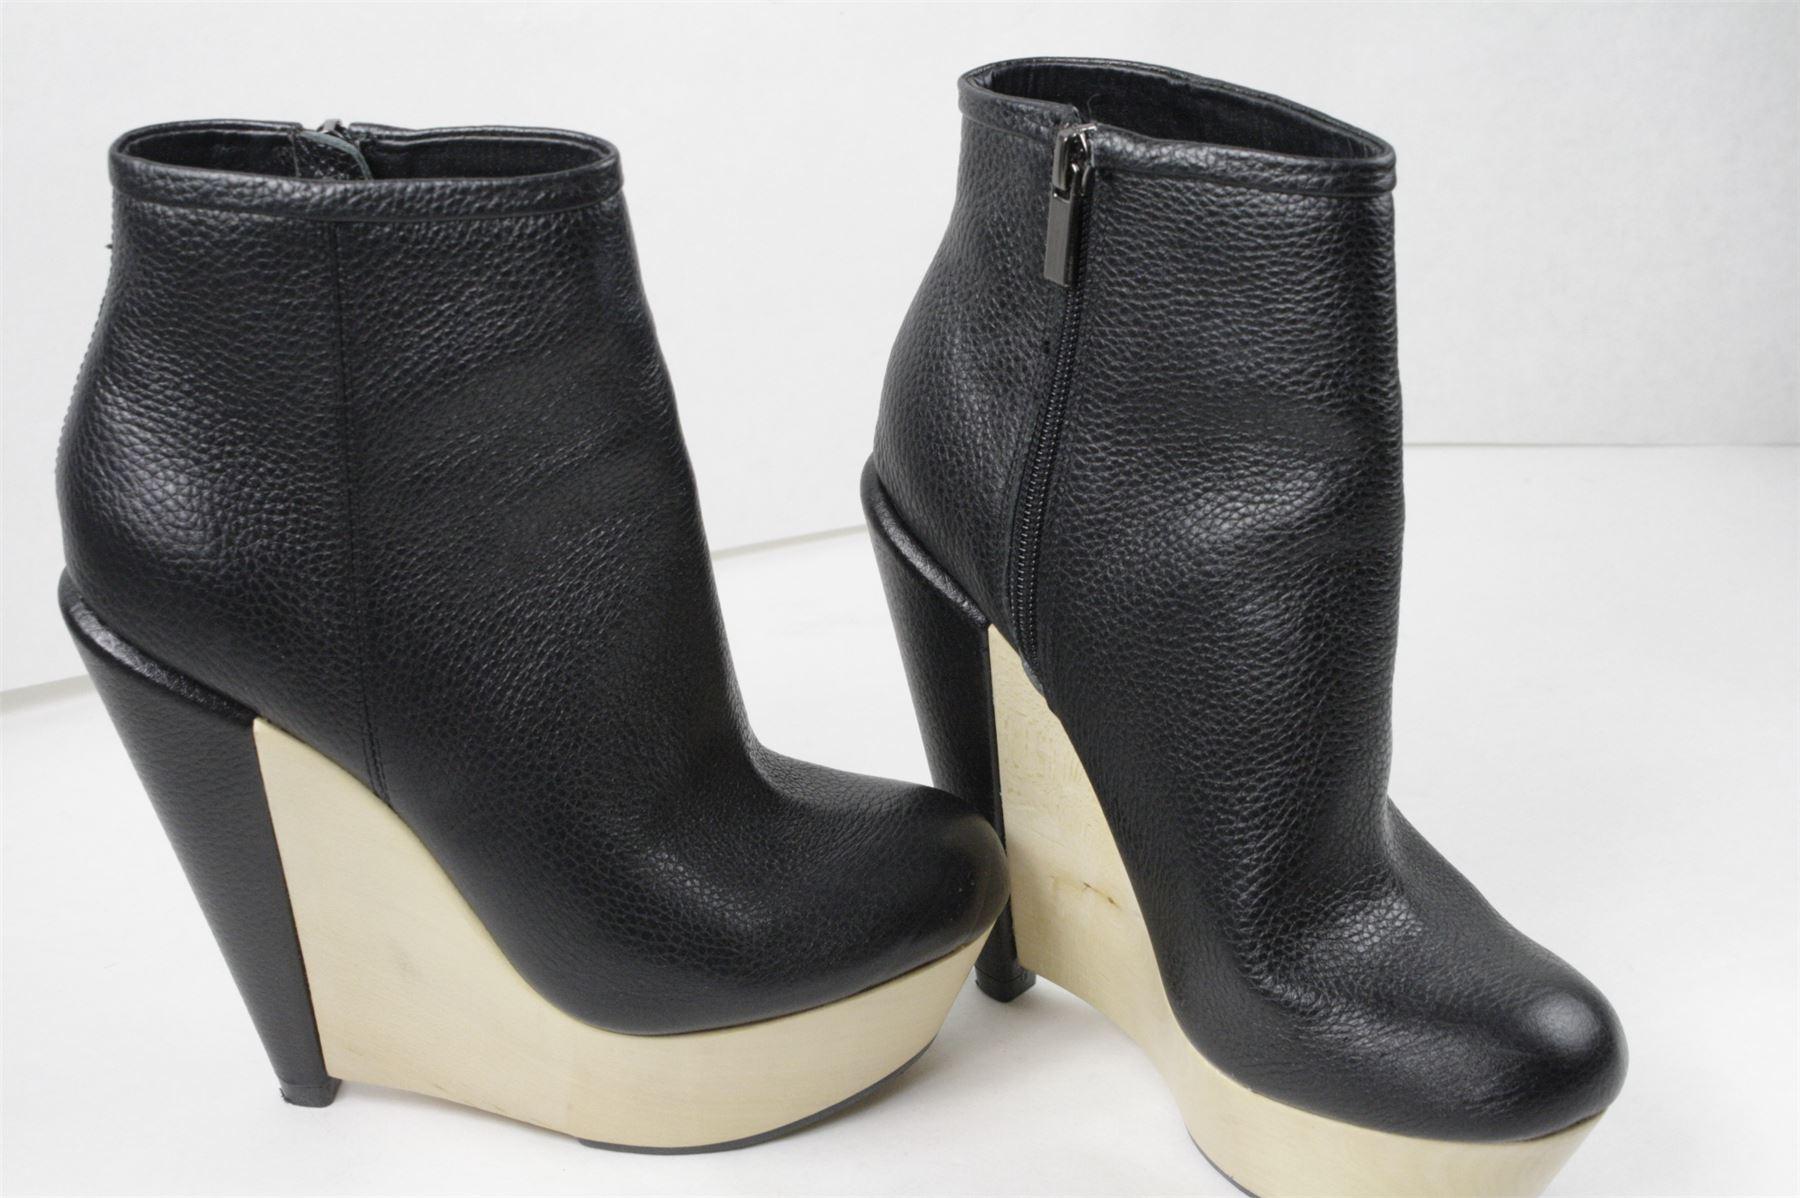 kelsi dagger black suede acalia platform wedge ankle boots